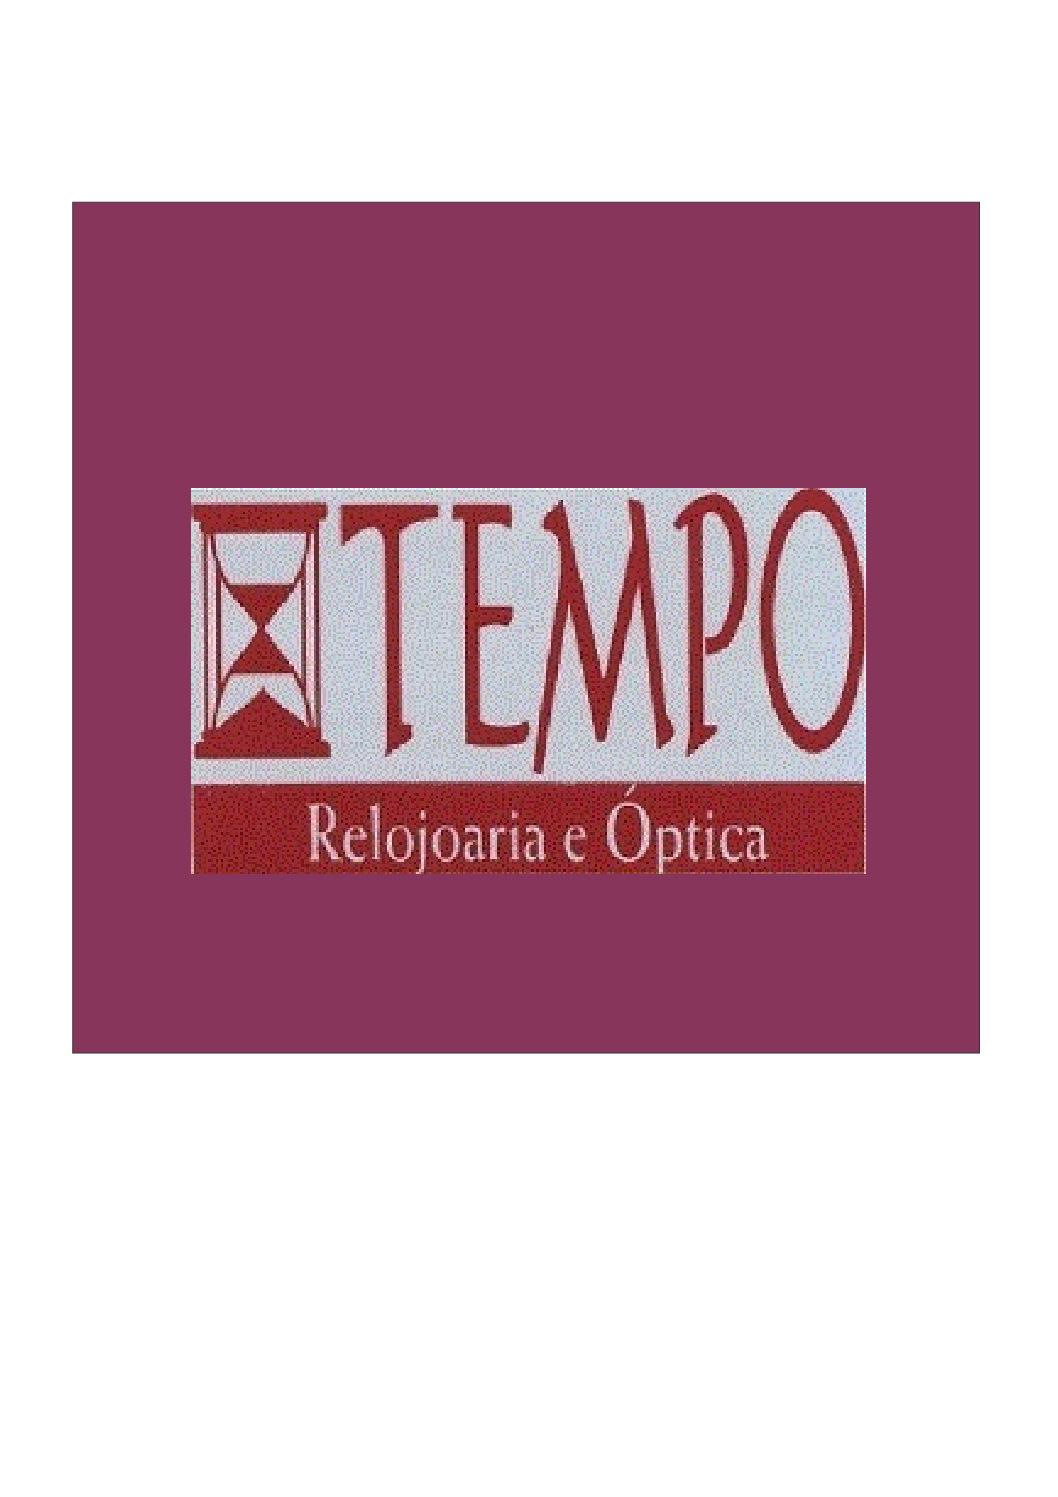 CAMISETAS POLOS, MODELO MASCULINO E FEMININOS, PARA EMPRESA TEMPO RELOJOARIA E ÓPTICA DA CIDADE DE IBIRUBÁ/RS.